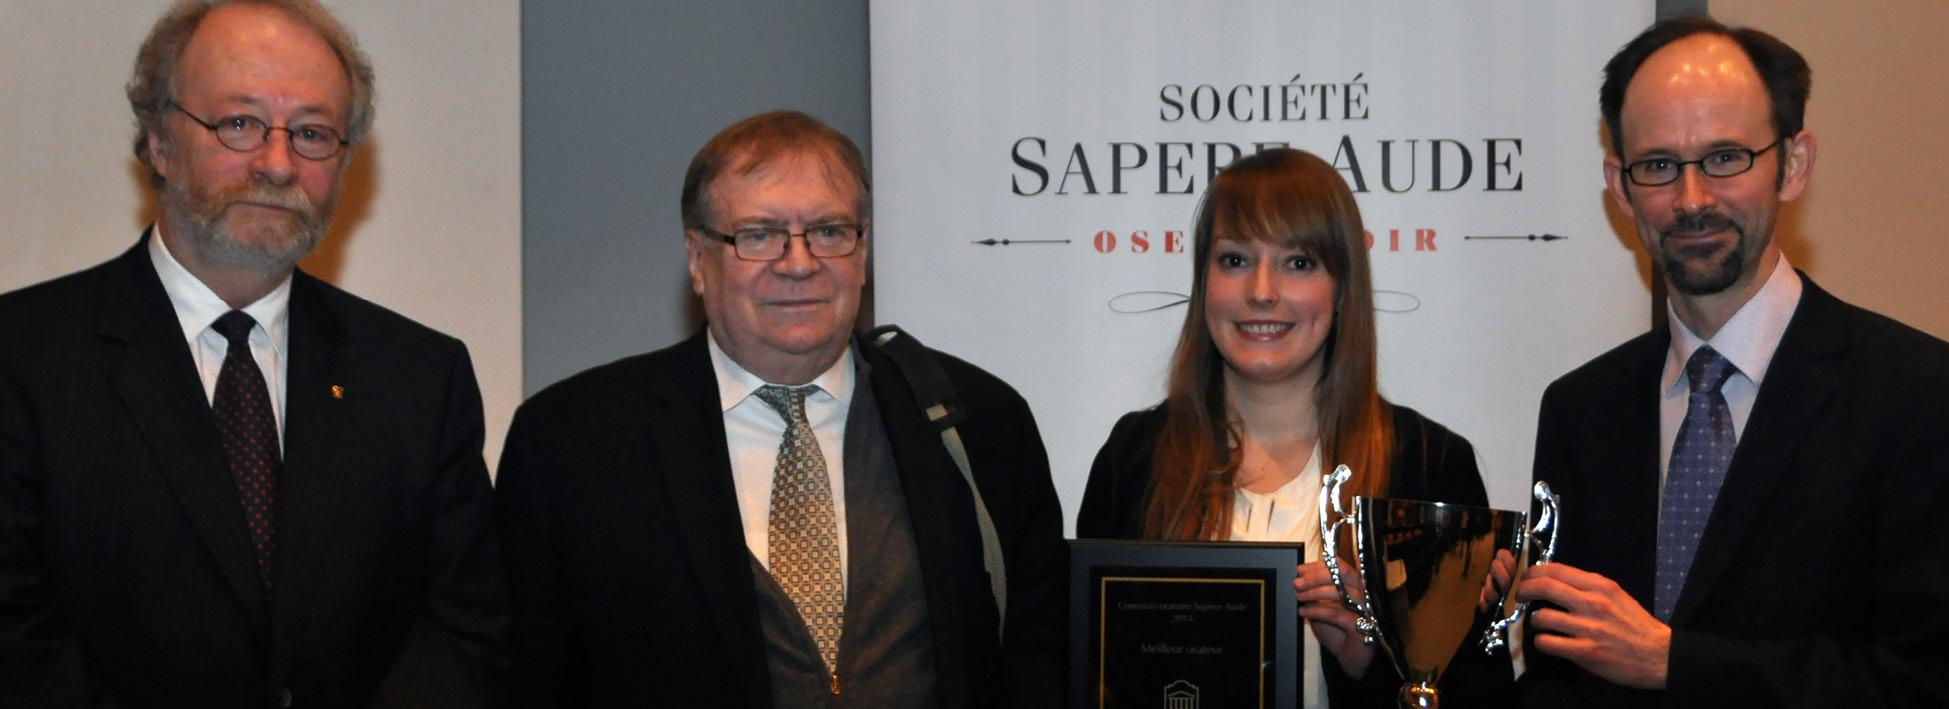 La gagnante de l'édition 2014 du concours oratoire Sapere Aude